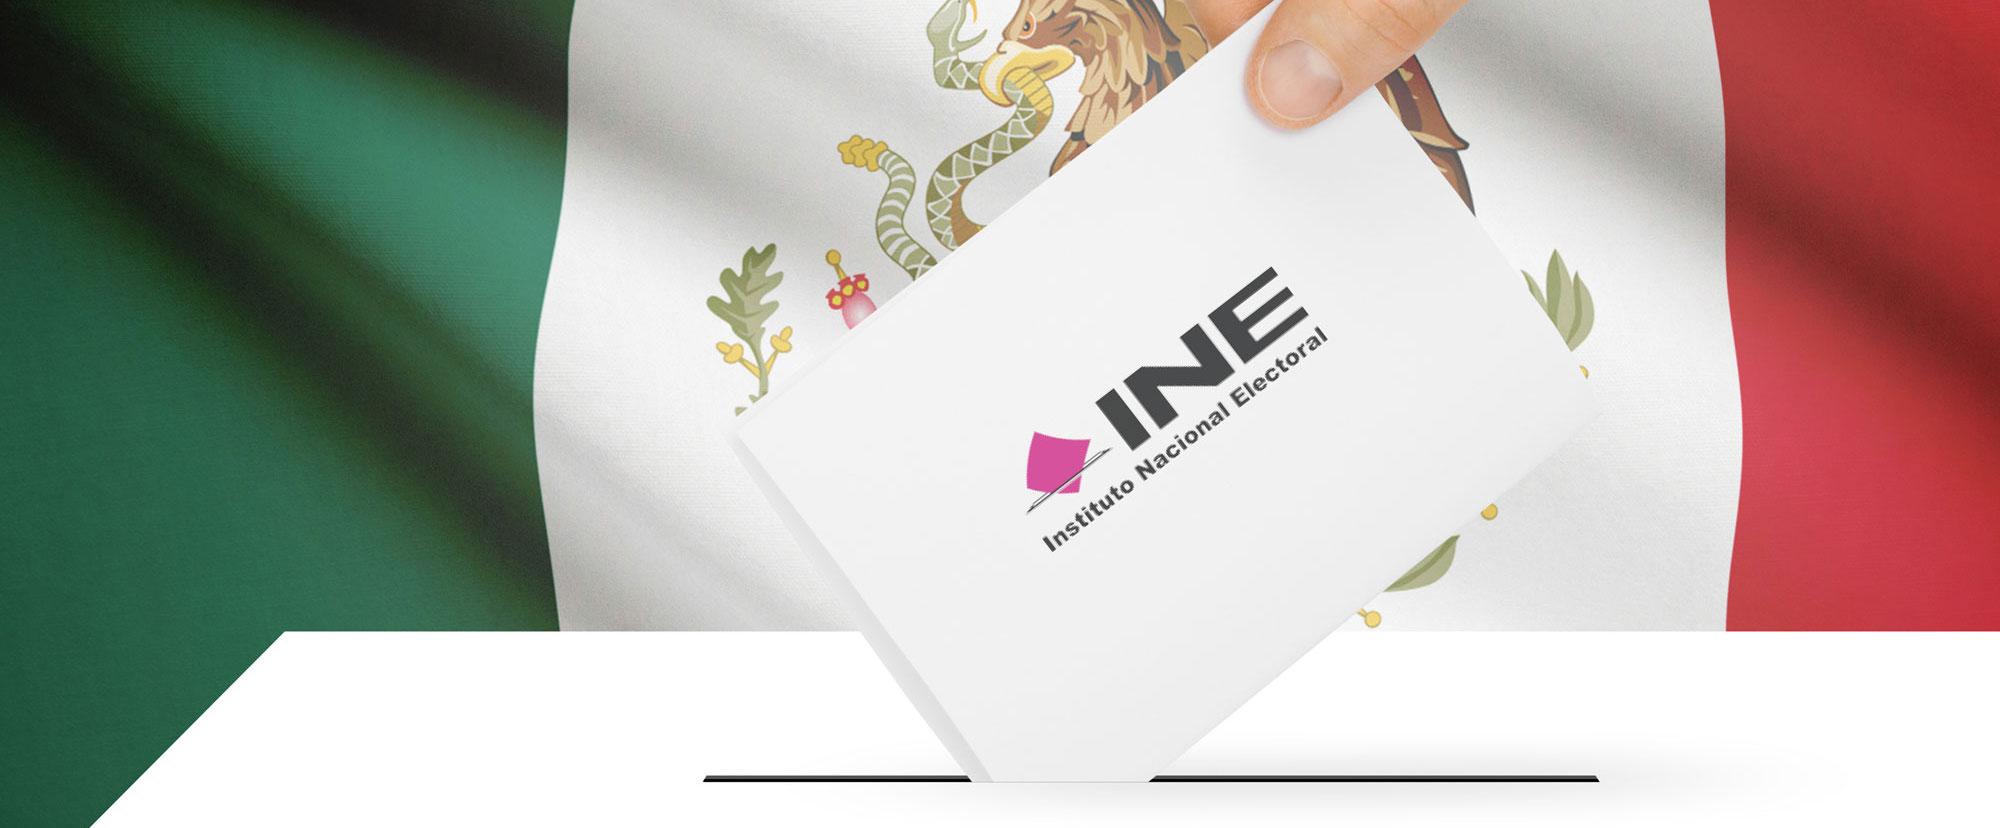 Beneficios al obtener tu Credencial para Votar del INE